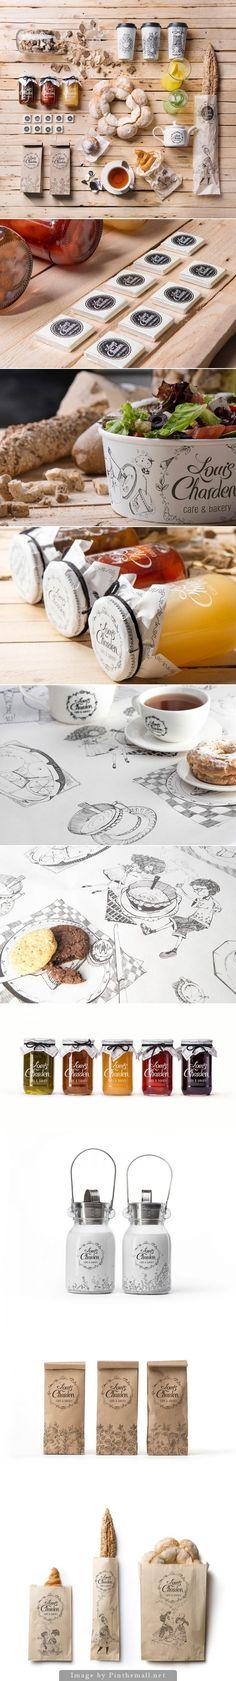 Louis Charden – Cafe & Bakery Identity by Backbone Branding